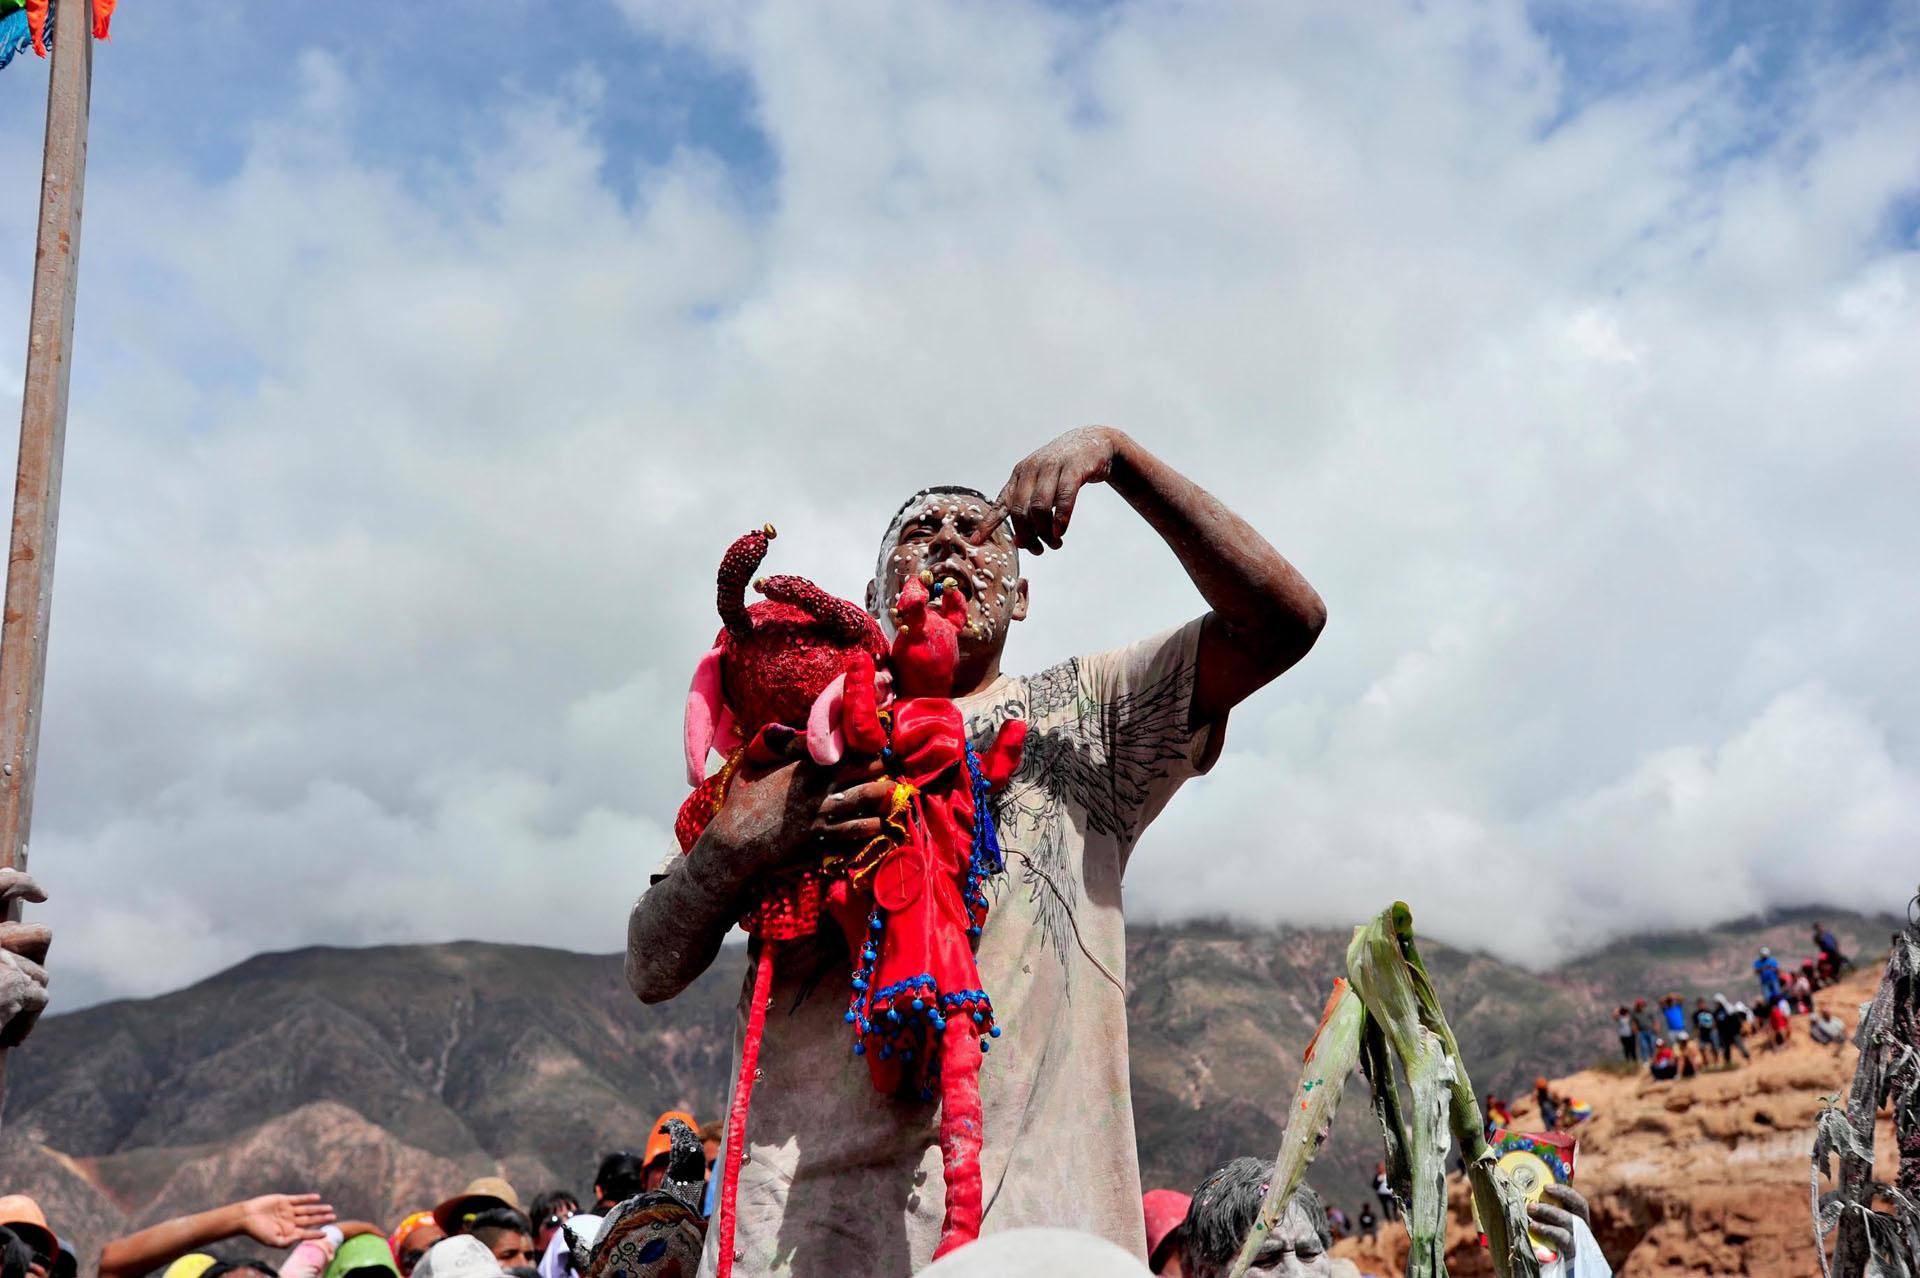 Los trajes utilizados para el carnaval tienen una confección detallista y son elaborados por los lugareños durante todo el año